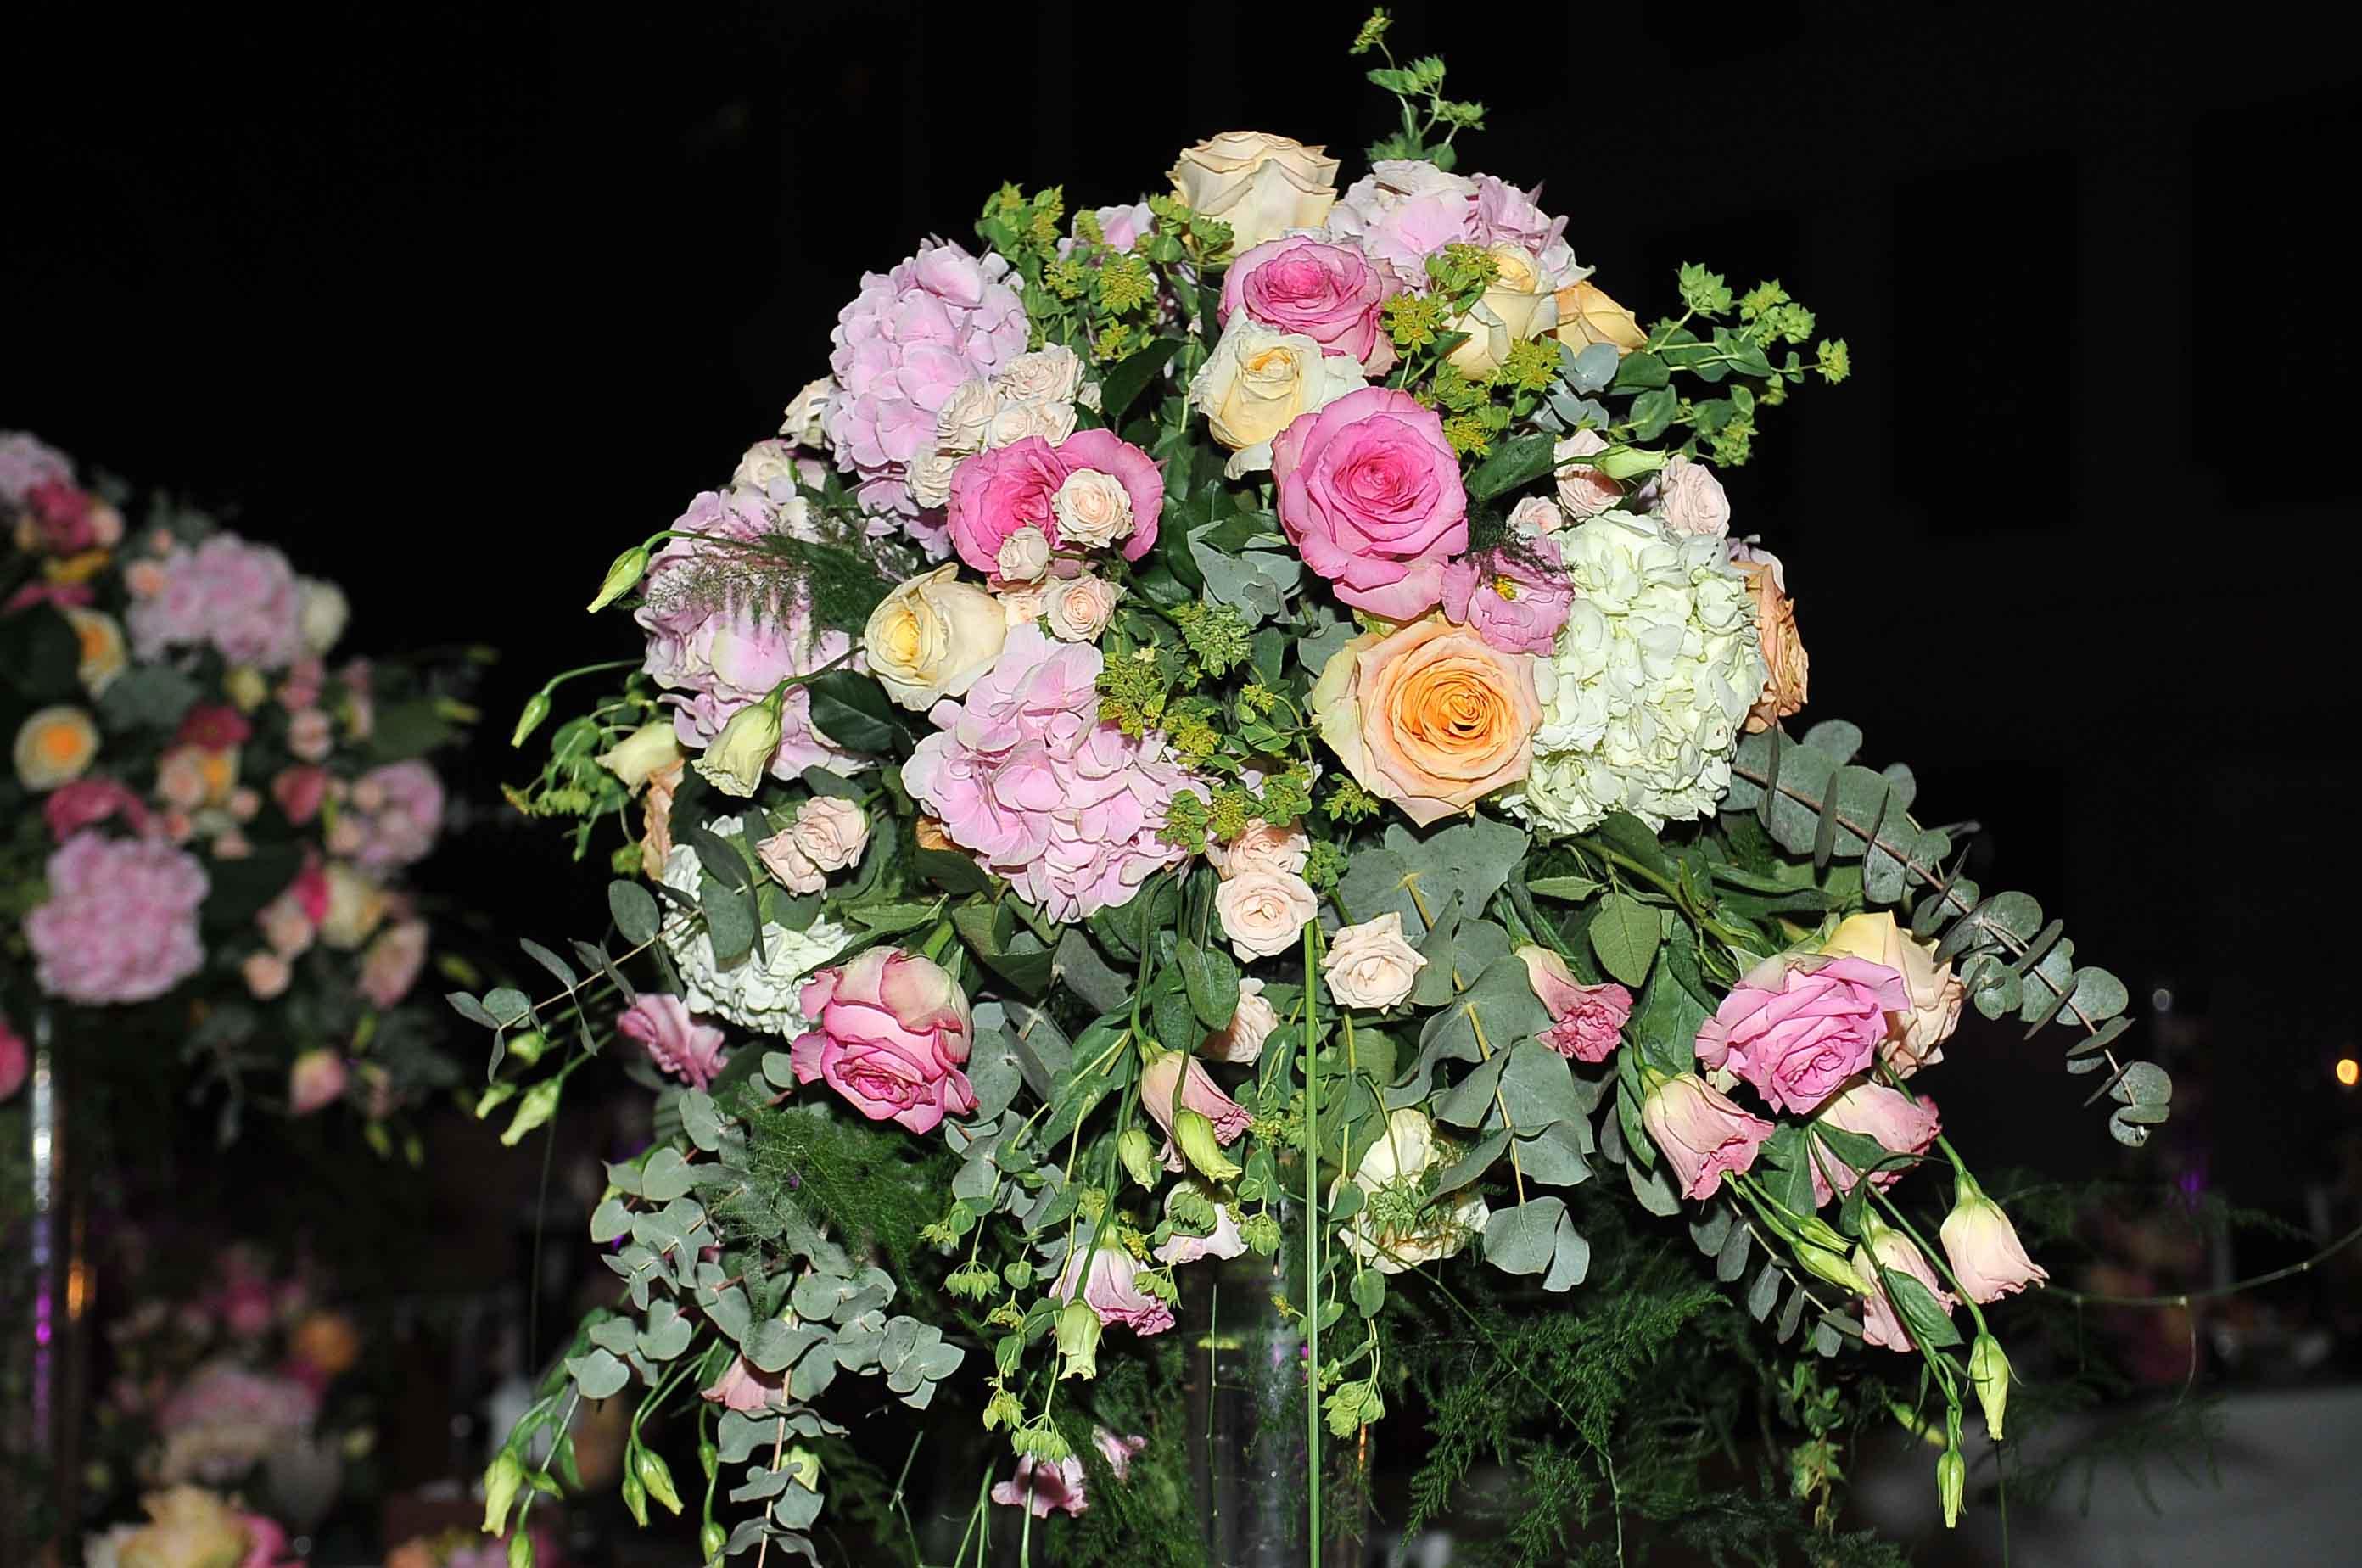 منسقة زهور الملكة-تصوير اسامه ابوعطيه 3-11-2014 (37)